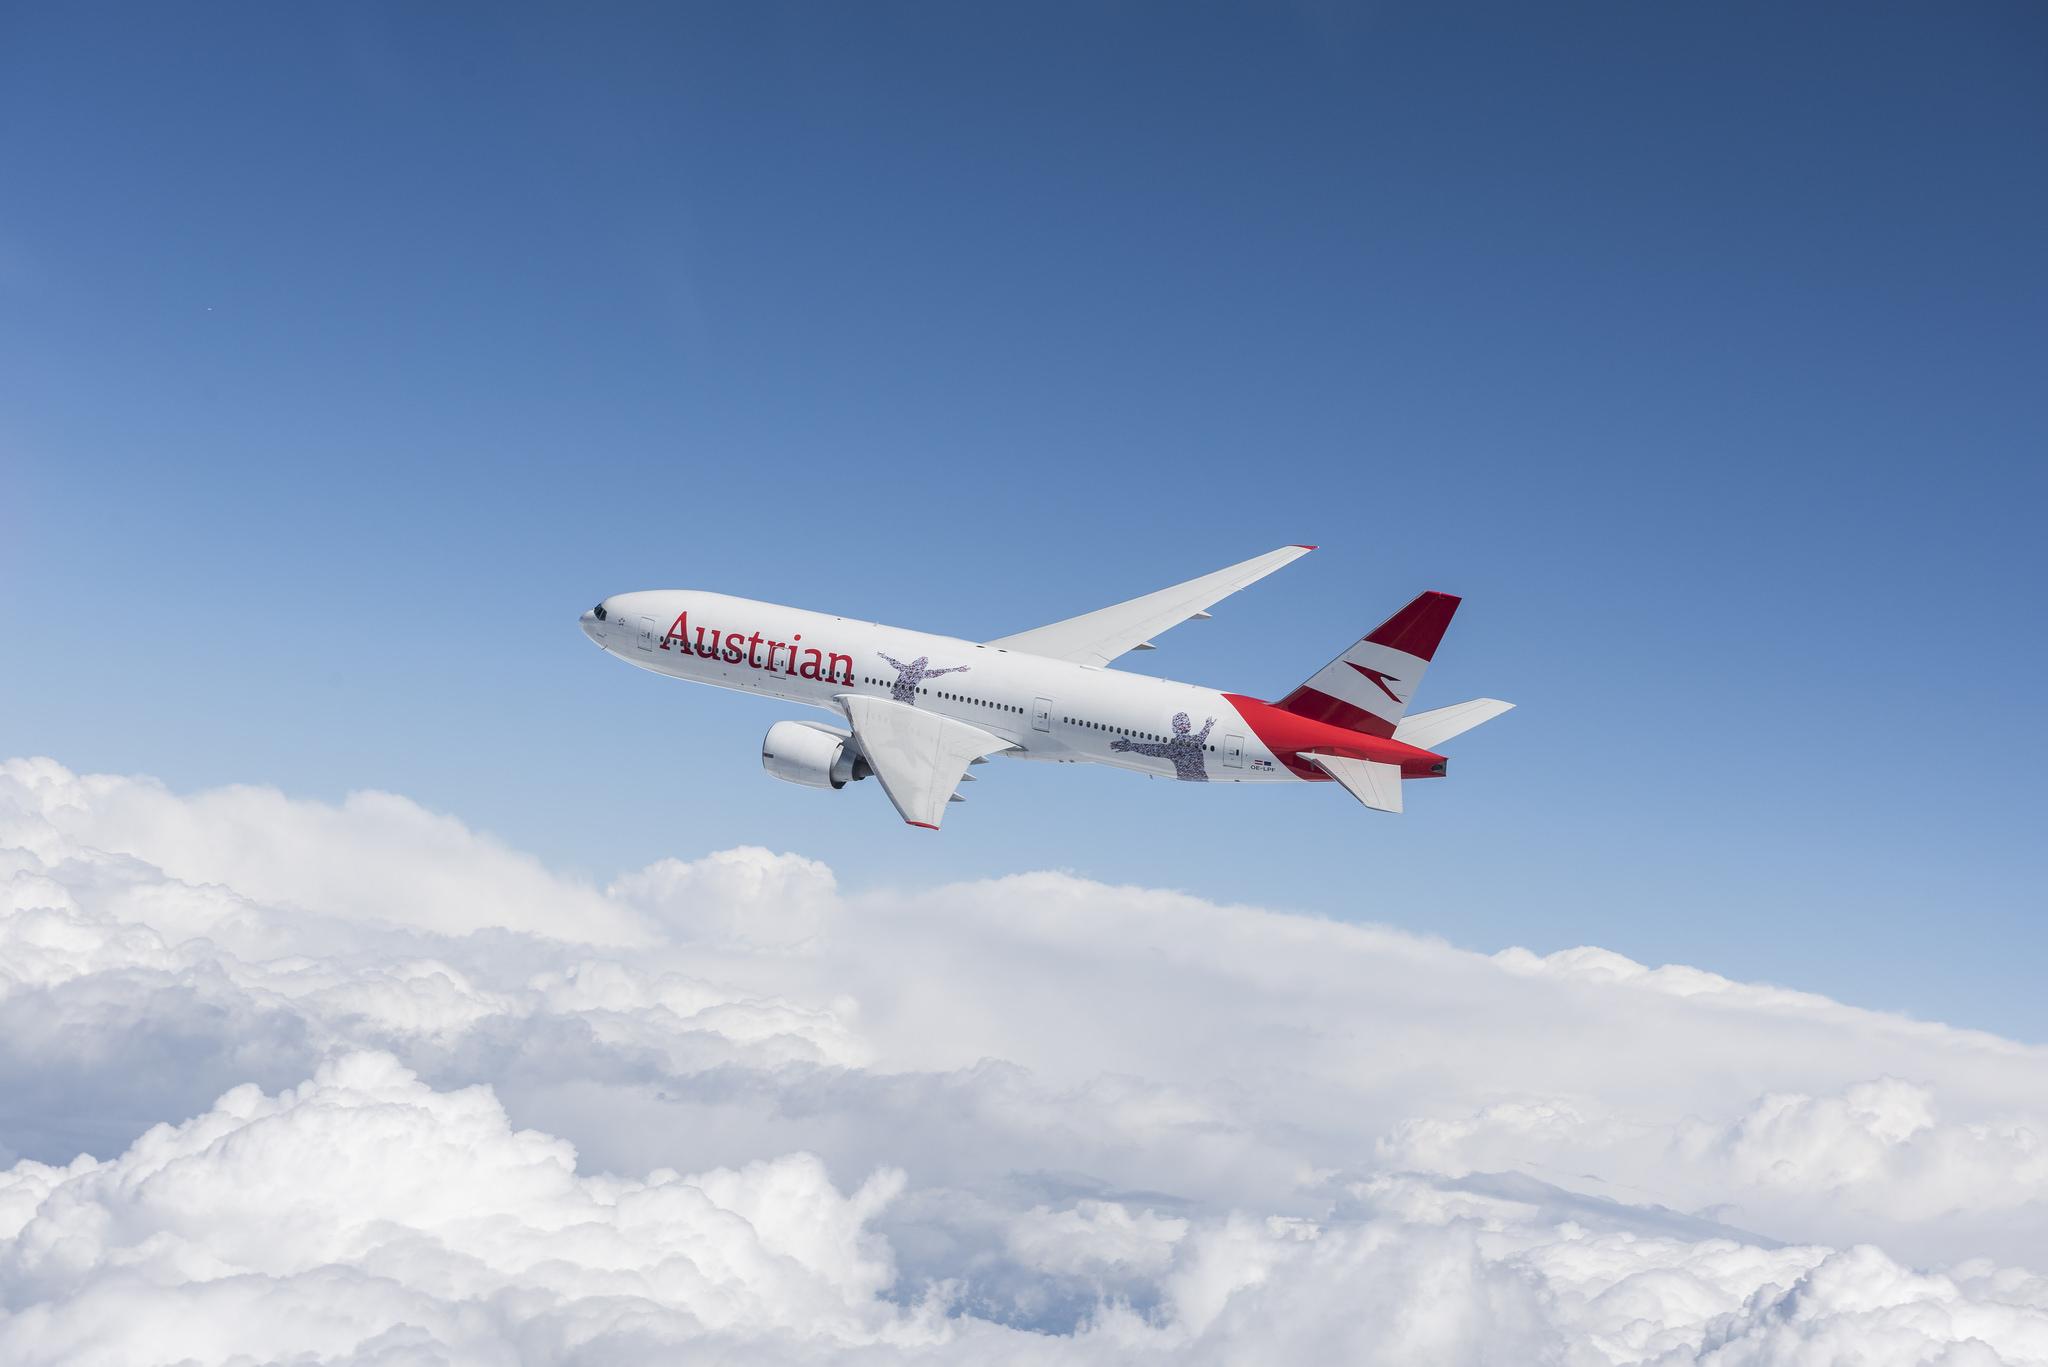 Austrian Airlines fliegt öfter nach Japan und Nordamerika